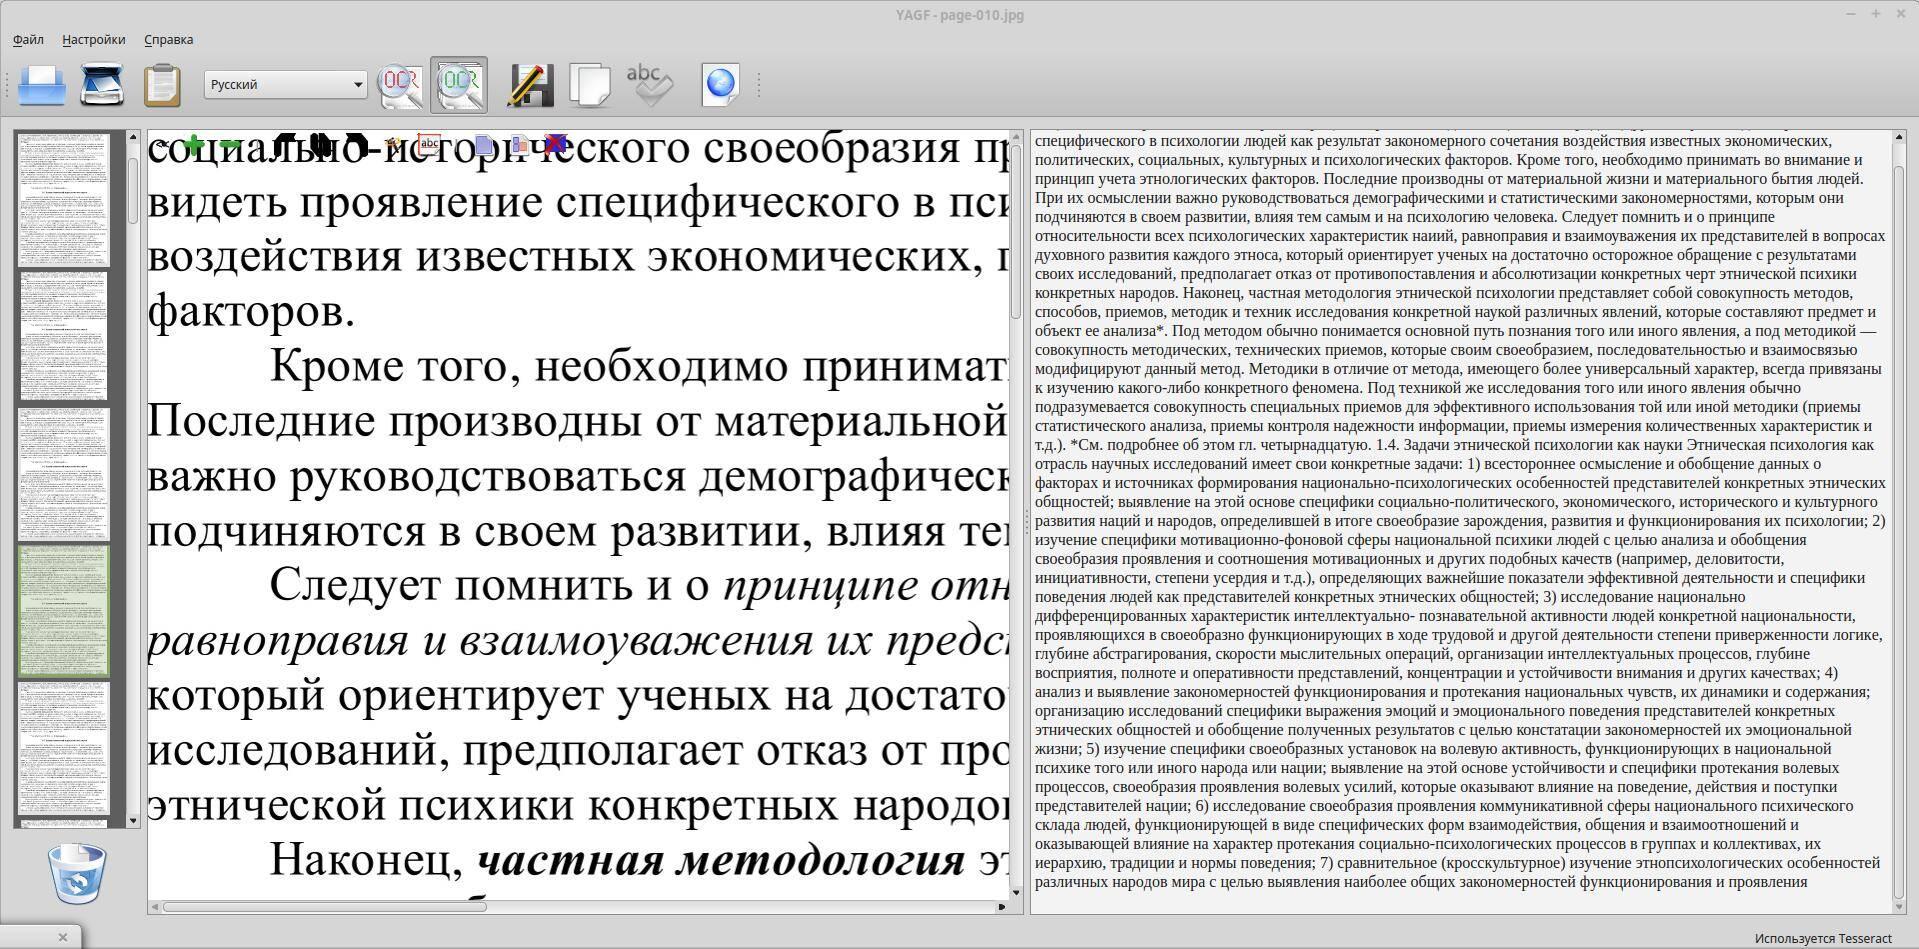 Програмку для определения текста jpeg